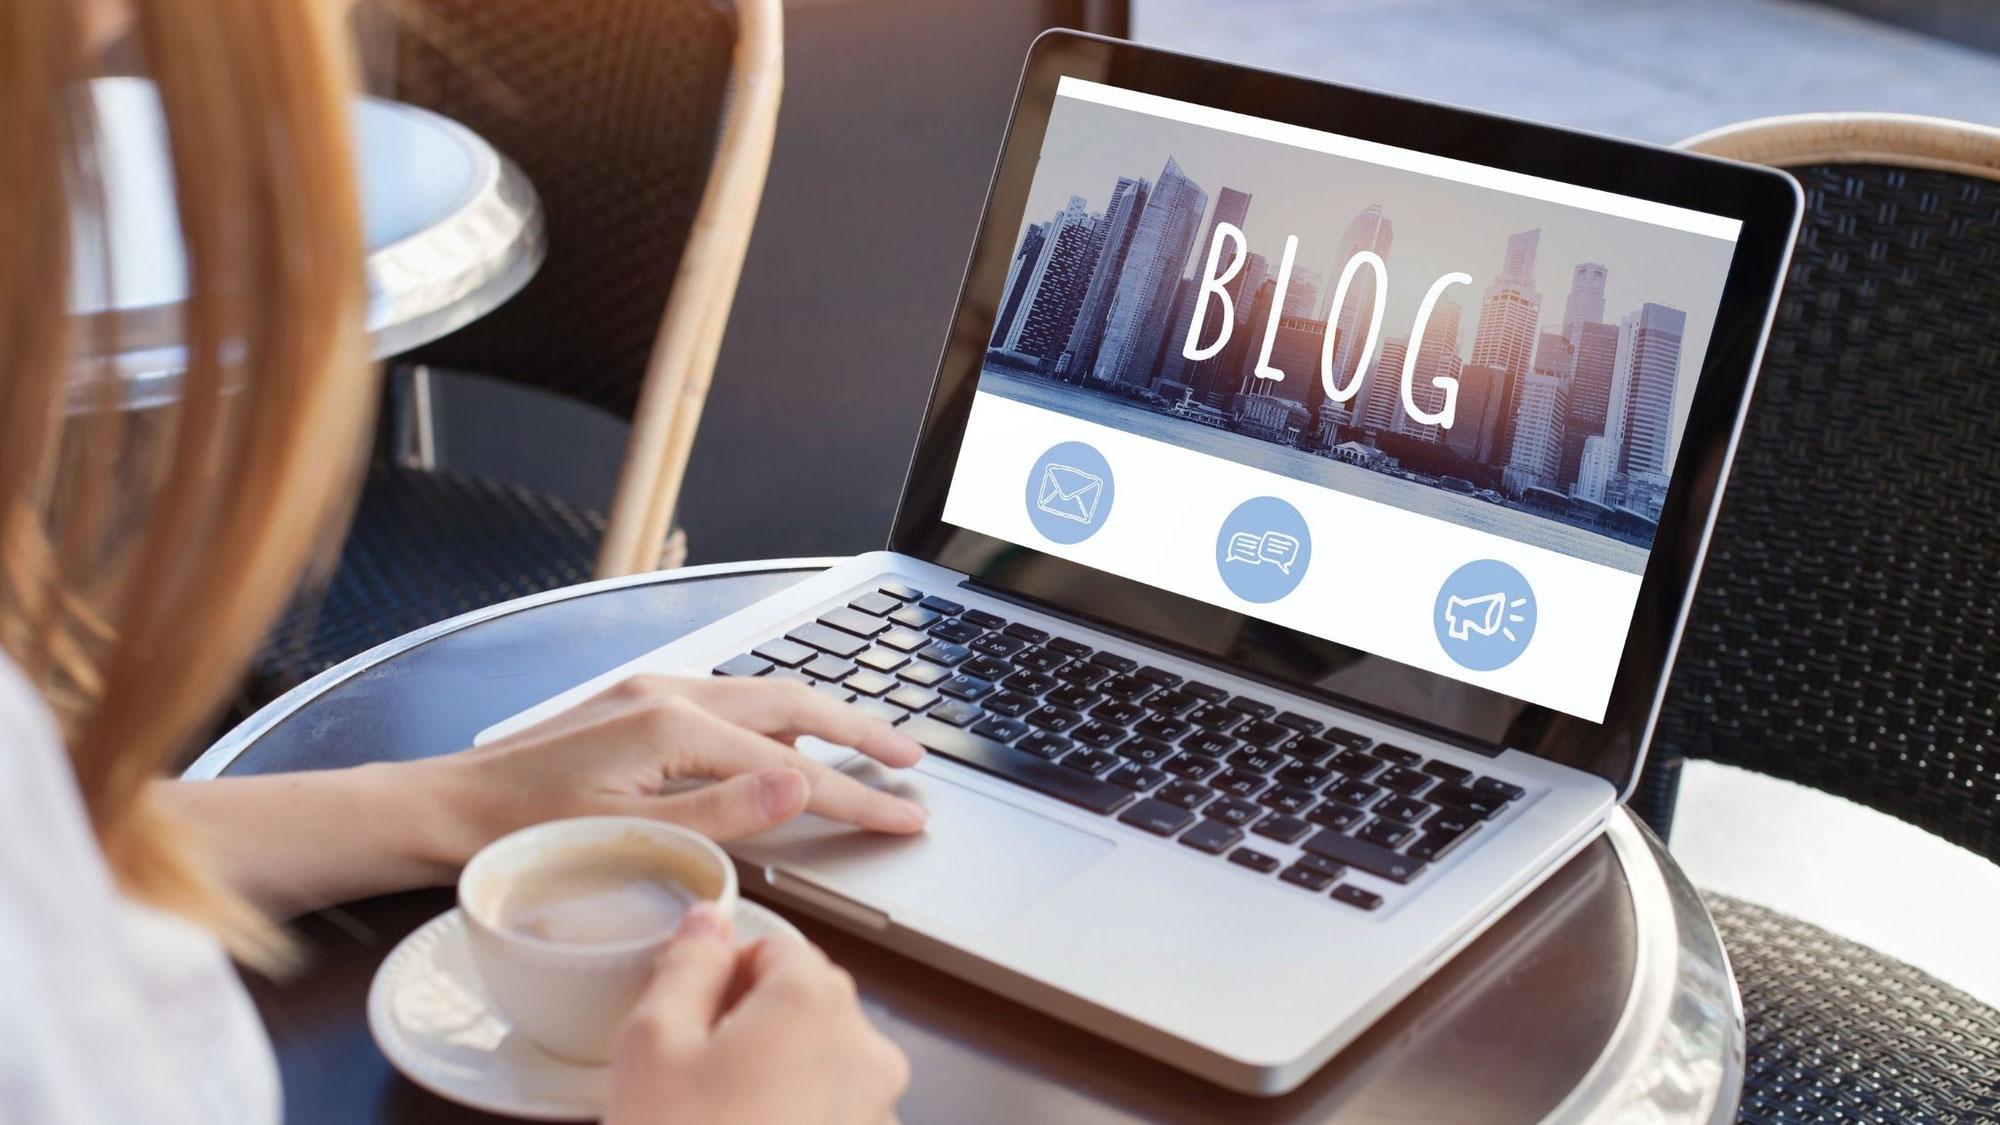 緊急事態宣言で時間を持て余していたら、ブログを発信しよう